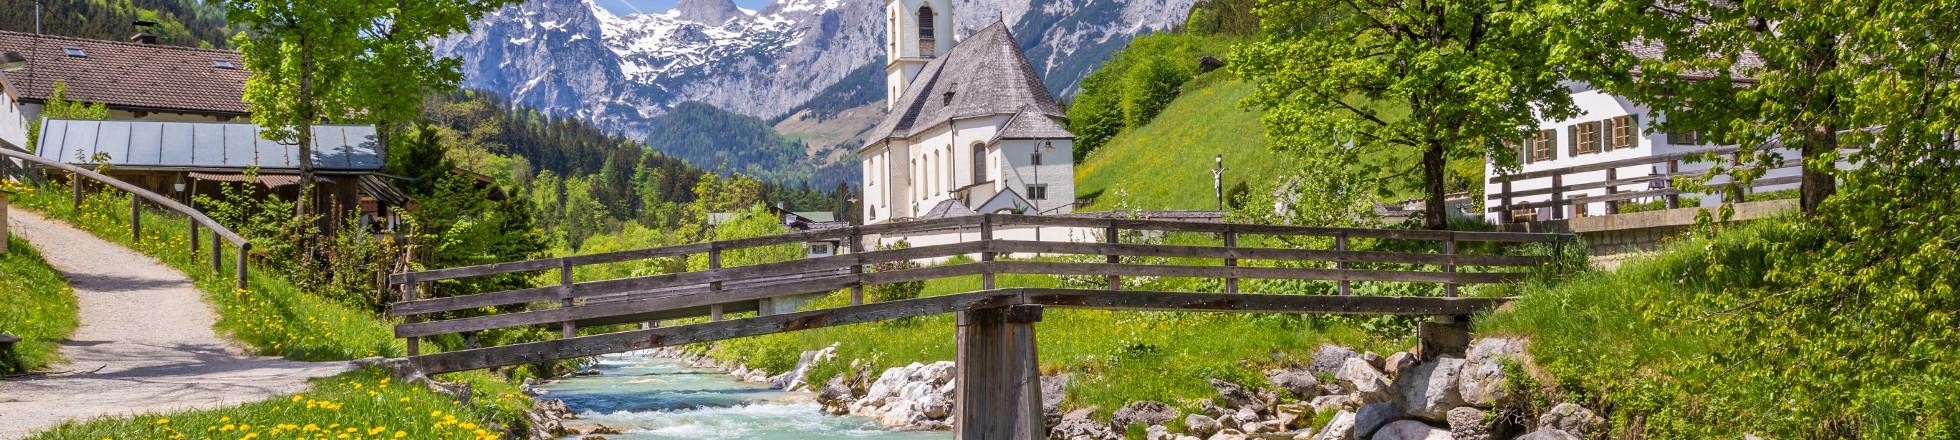 Ferienwohnungen & Ferienhäuser in Bayerischer Wald mieten Urlaub in Bayerischer Wald